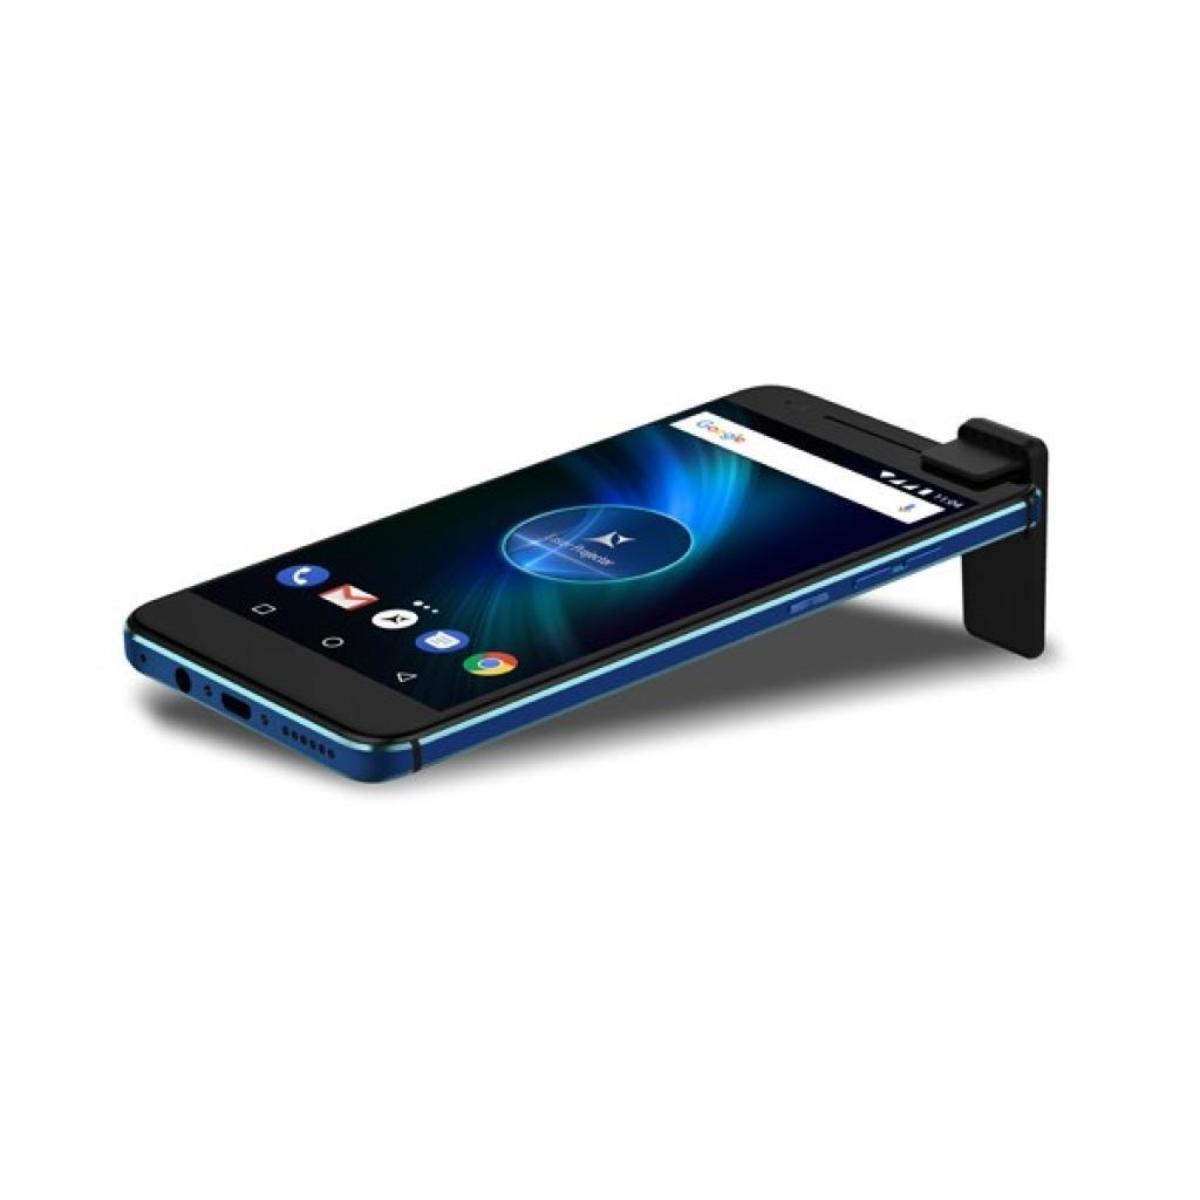 Bild 3 von Allview X4 Soul Vision Smartphone